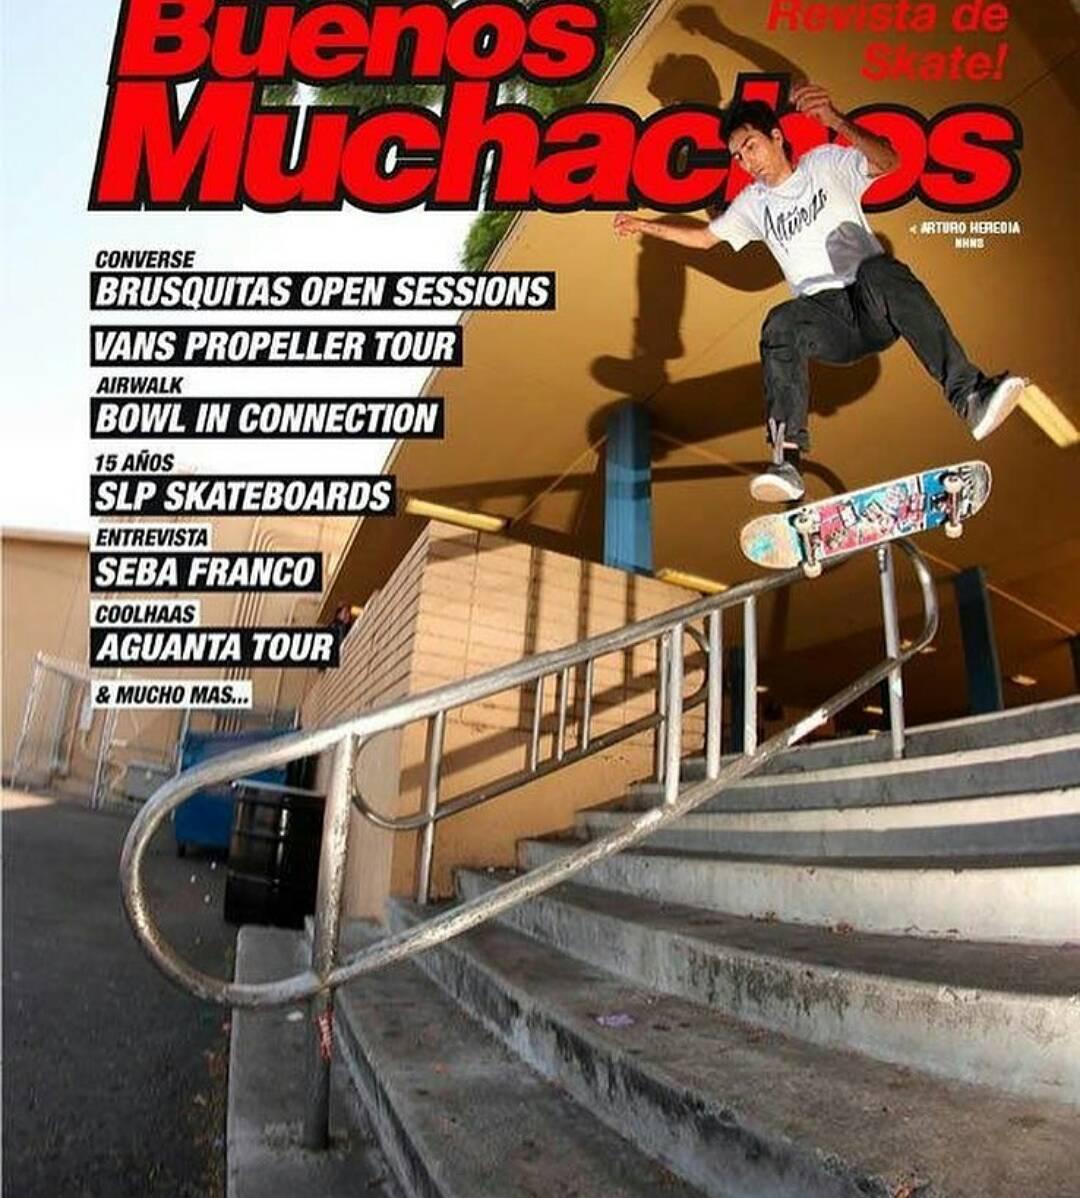 @arturaptorheredia nollieheelflip noseslide en LA nueva tapa @revista_buenos_muchachos CoNSeGuiLa gratis! Contu compra